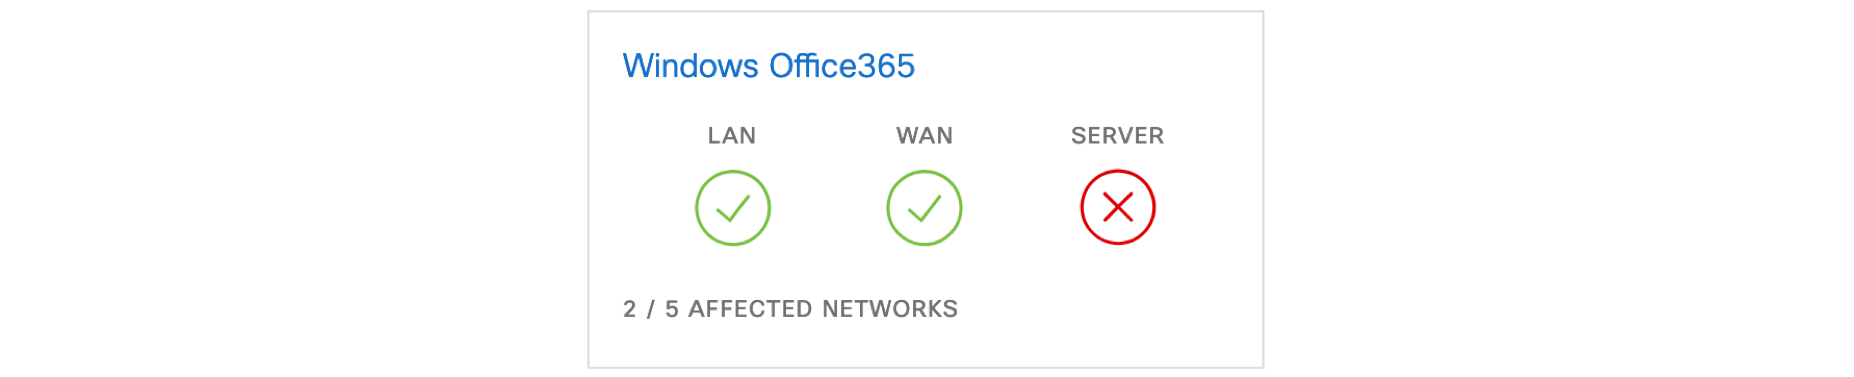 Optimize Performance of Office 365 - Cisco Meraki Blog Cisco Meraki Blog